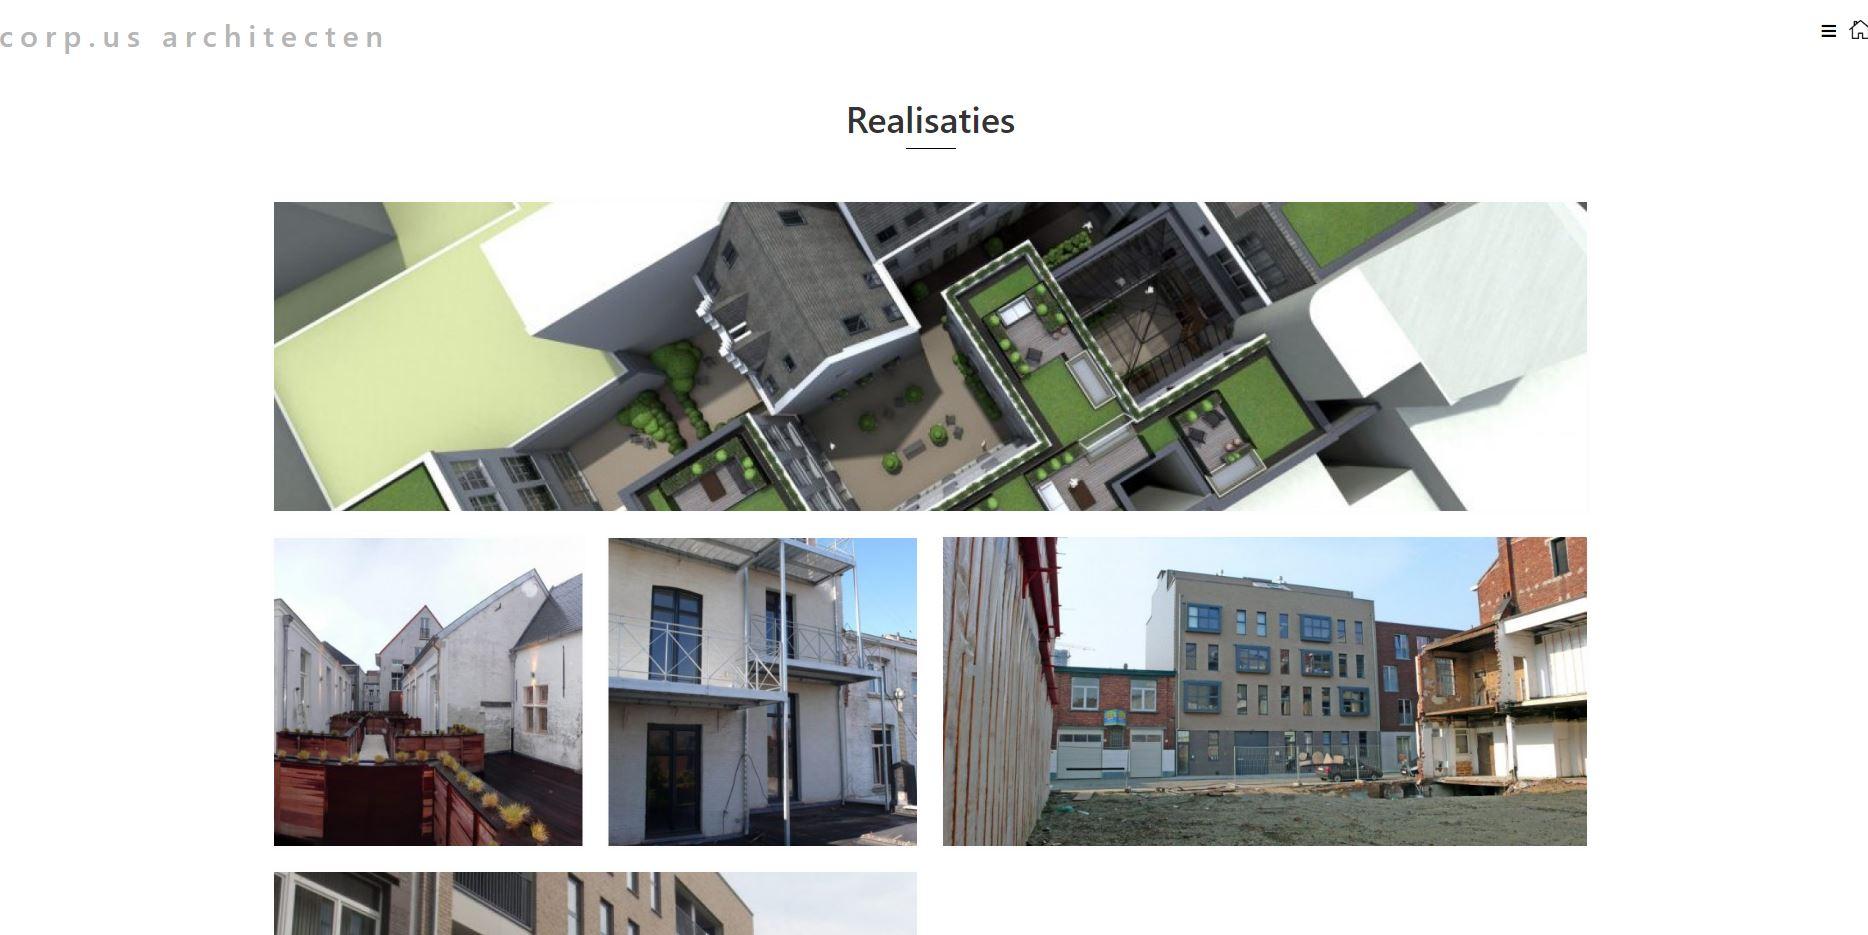 Corp.us Architecten 1